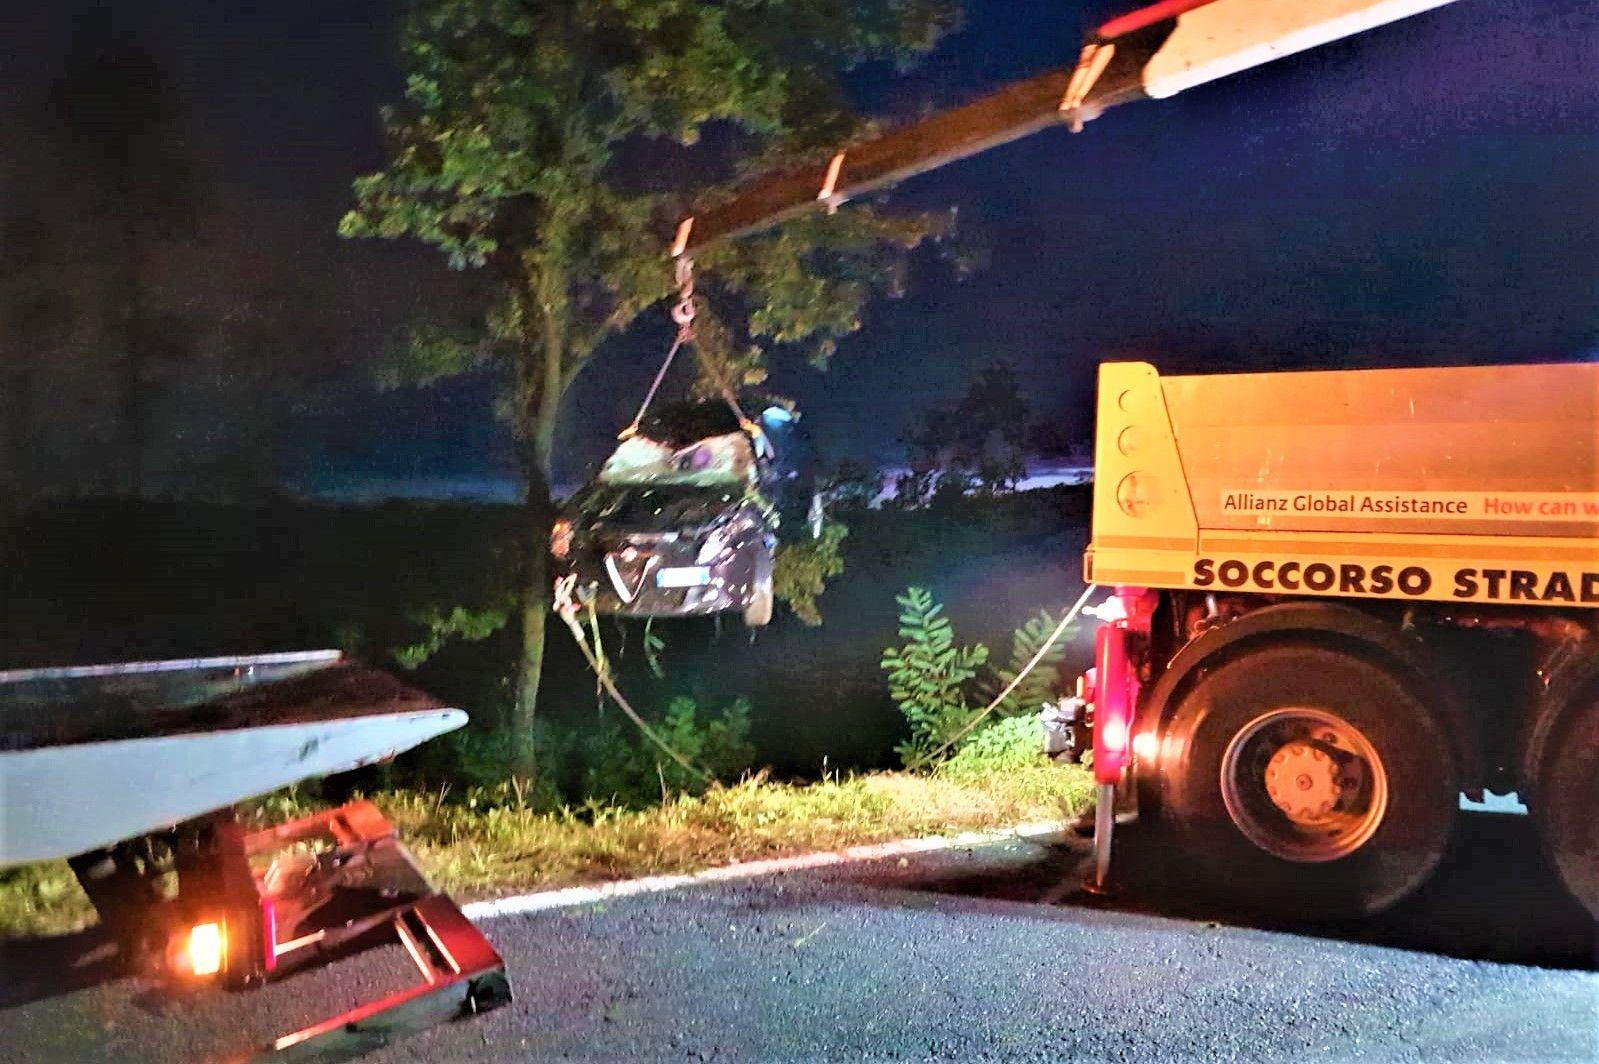 CASTELLAMONTE - Recuperata a notte fonda l'auto precipitata - FOTO